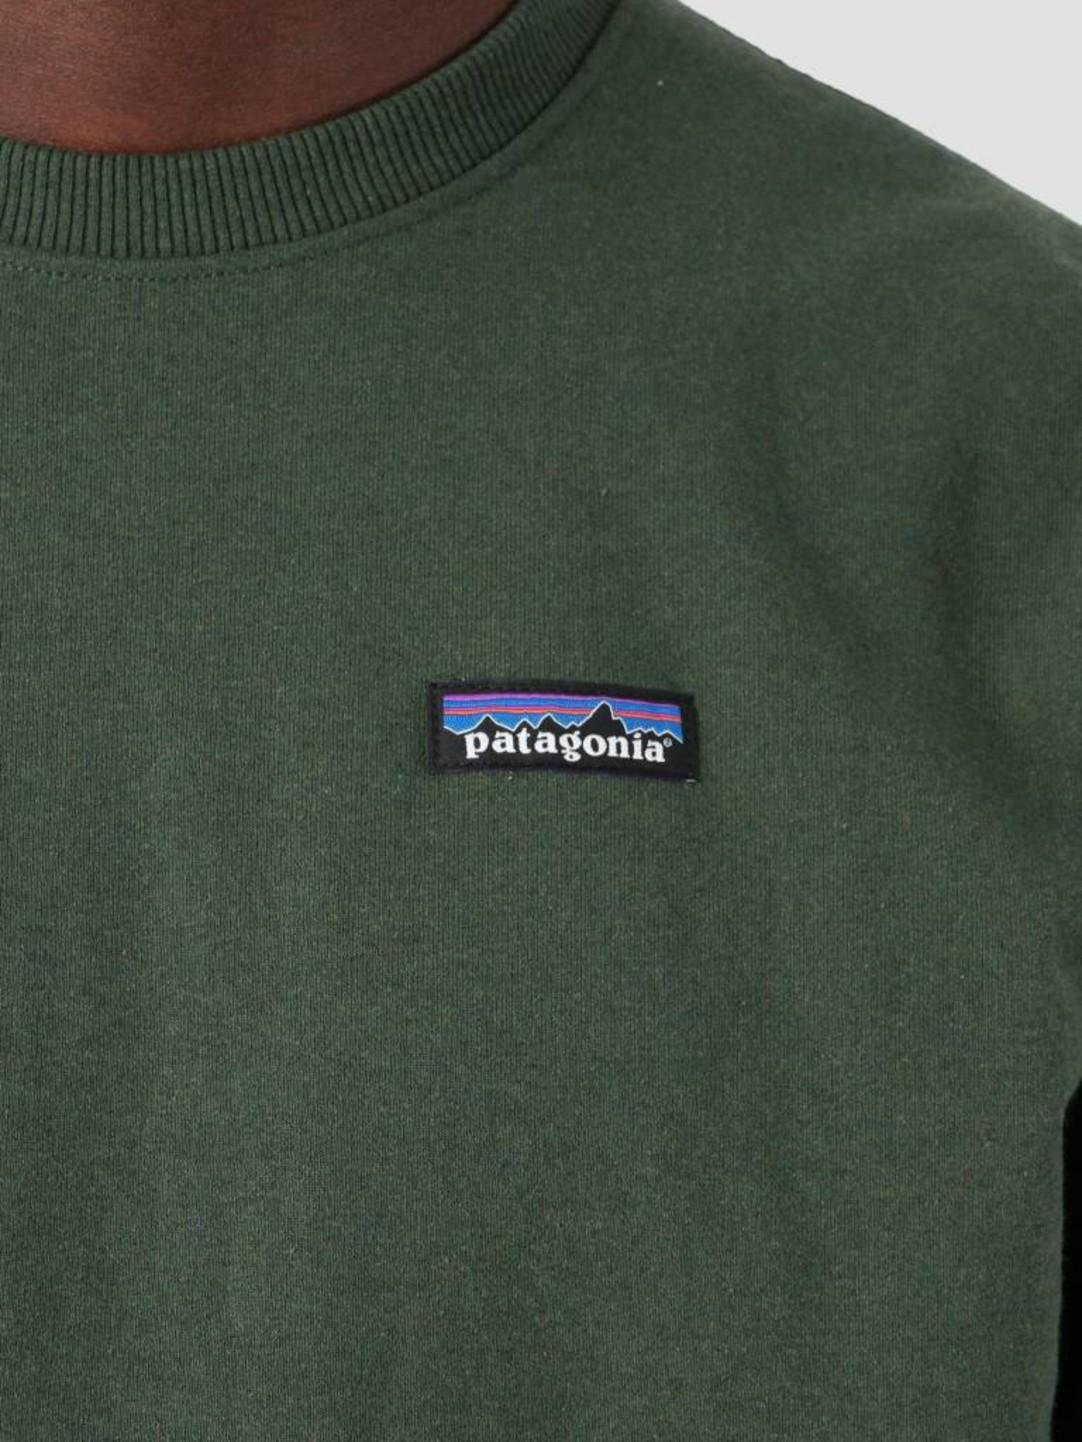 Patagonia Patagonia P-6 Label Uprisal Crew Sweatshirt Nomad Green 39543